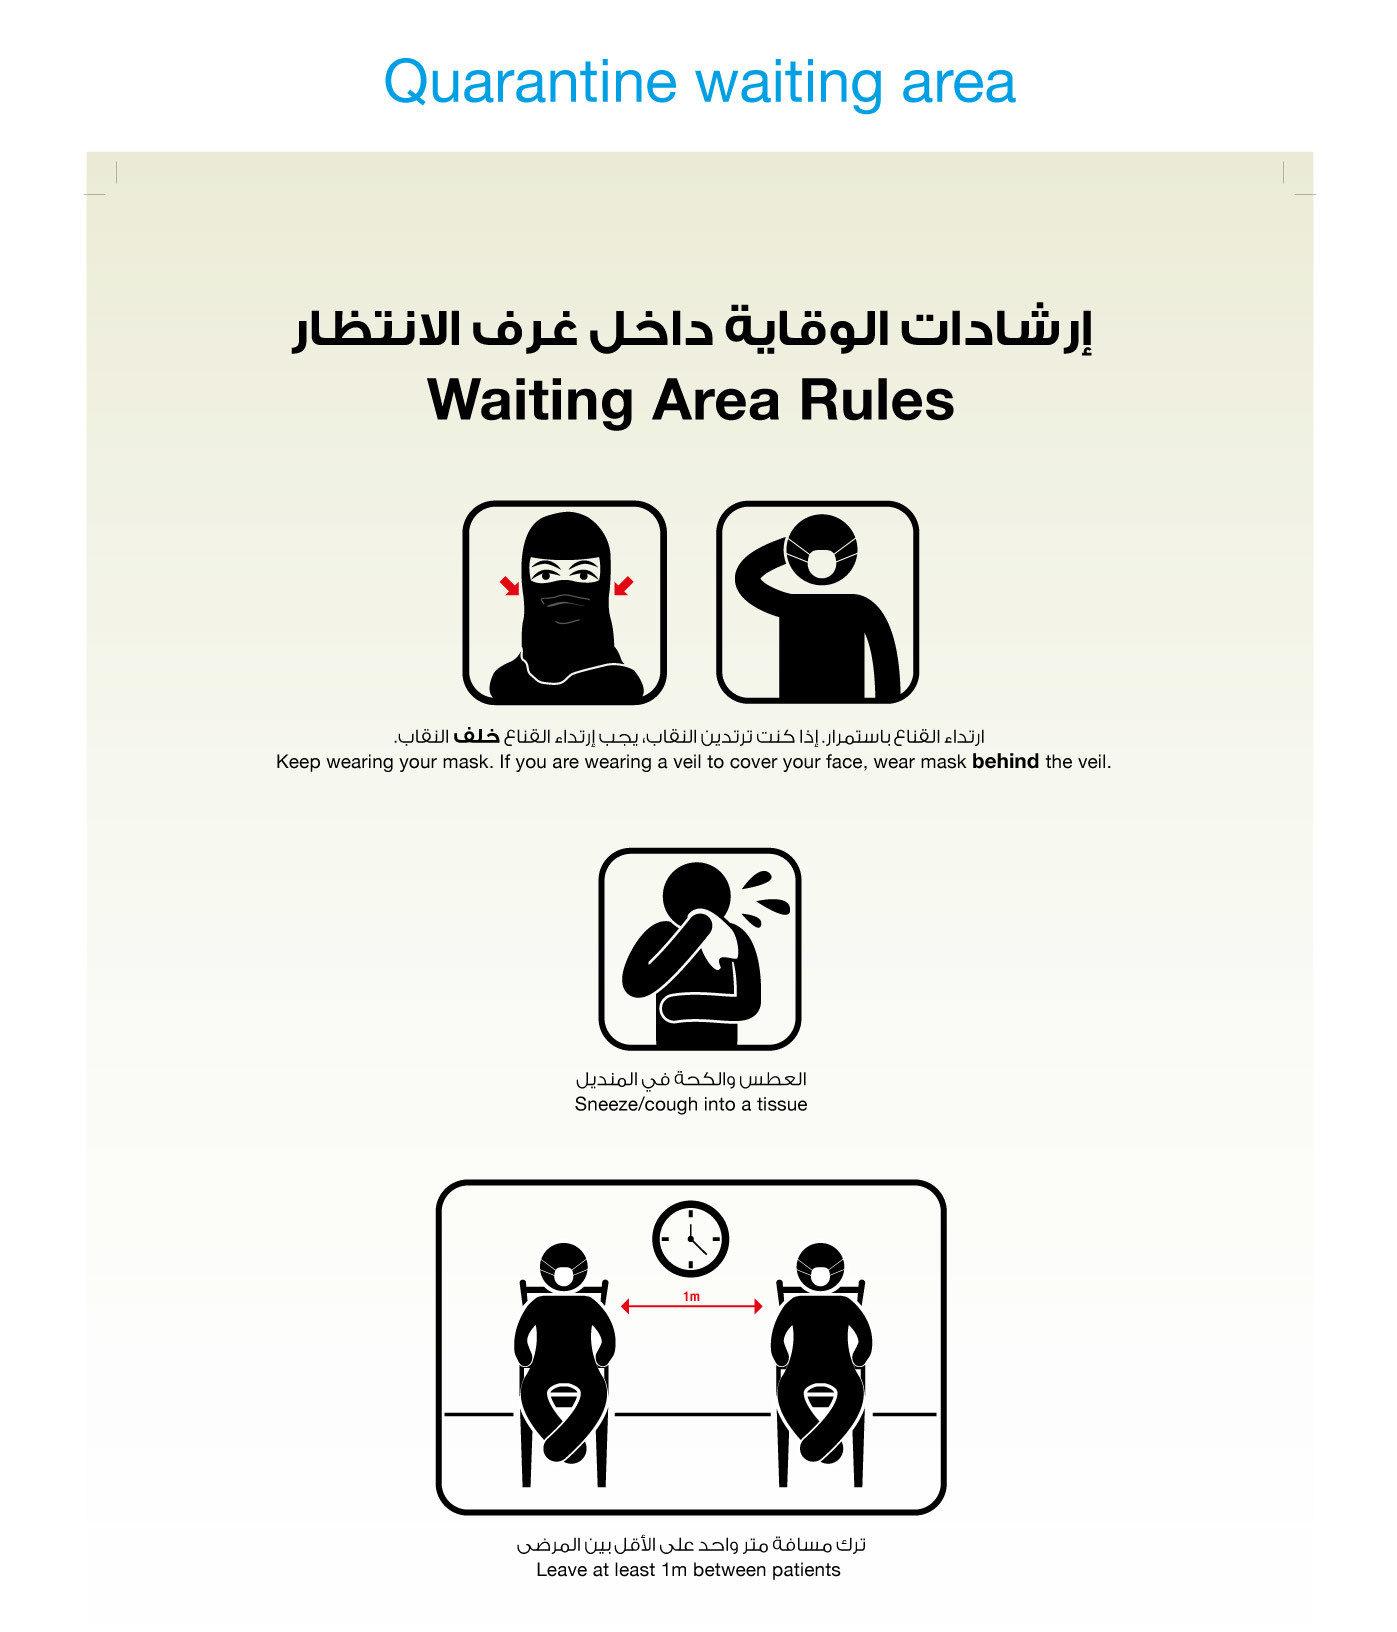 ارشادات و نصائح الوقاية من كورونا داخل غرف و قاعات الانتظار.